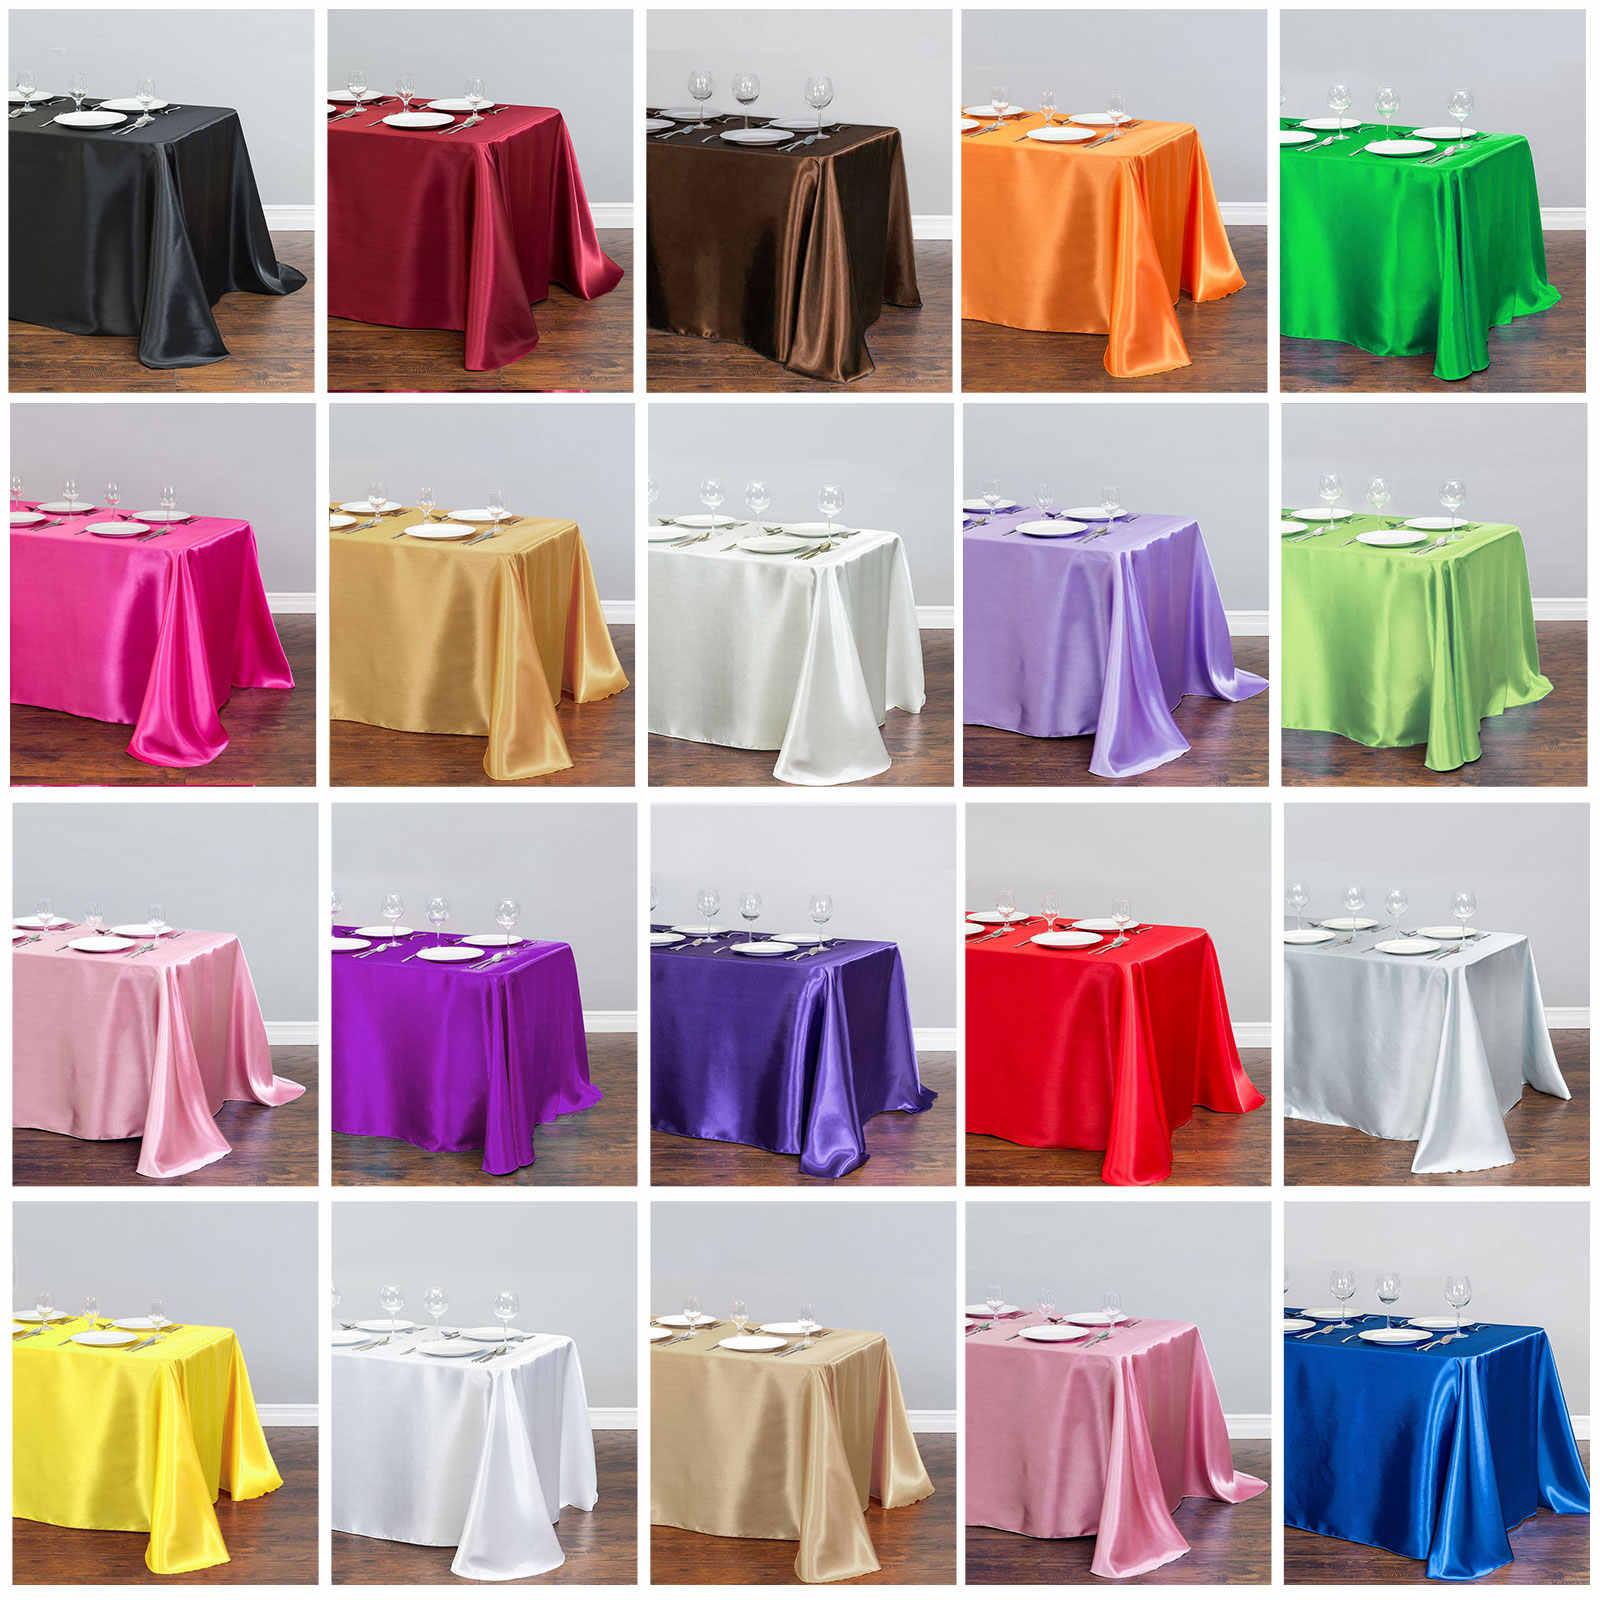 1 قطعة مفرش طاولة الساتان الجدول توبر تراكب غطاء الطاولة مفرش المائدة لعيد ميلاد الزفاف مأدبة فندق مهرجان ديكور حفلات